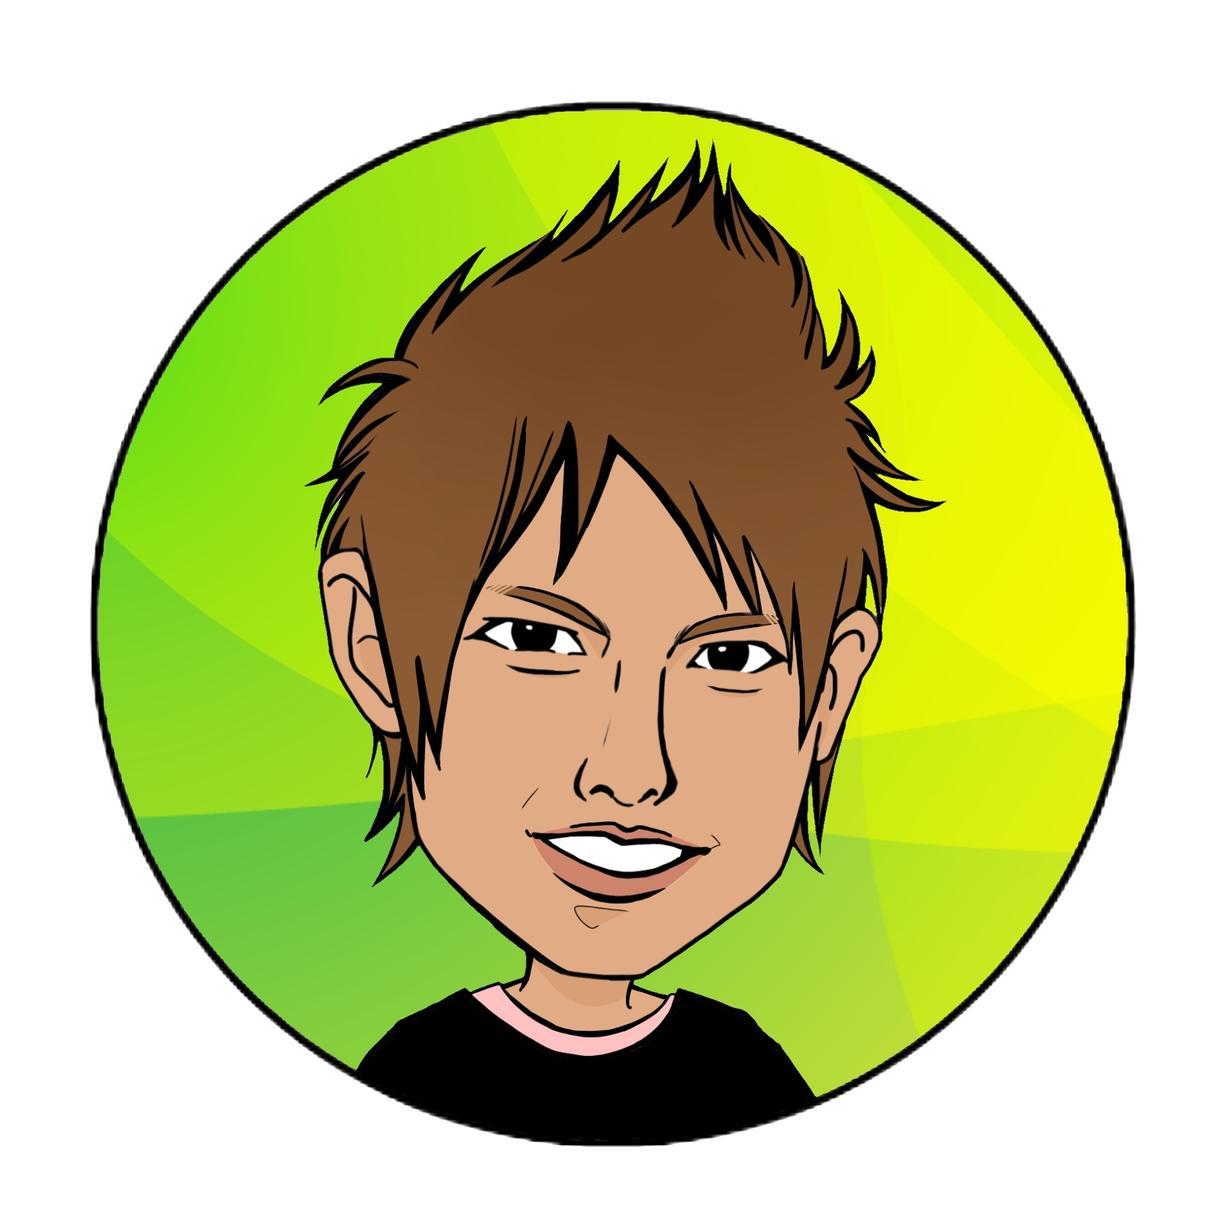 商用OK「似顔絵」描きます 〜SNSのプロフィール画像用の似顔絵を描かせていただきます〜